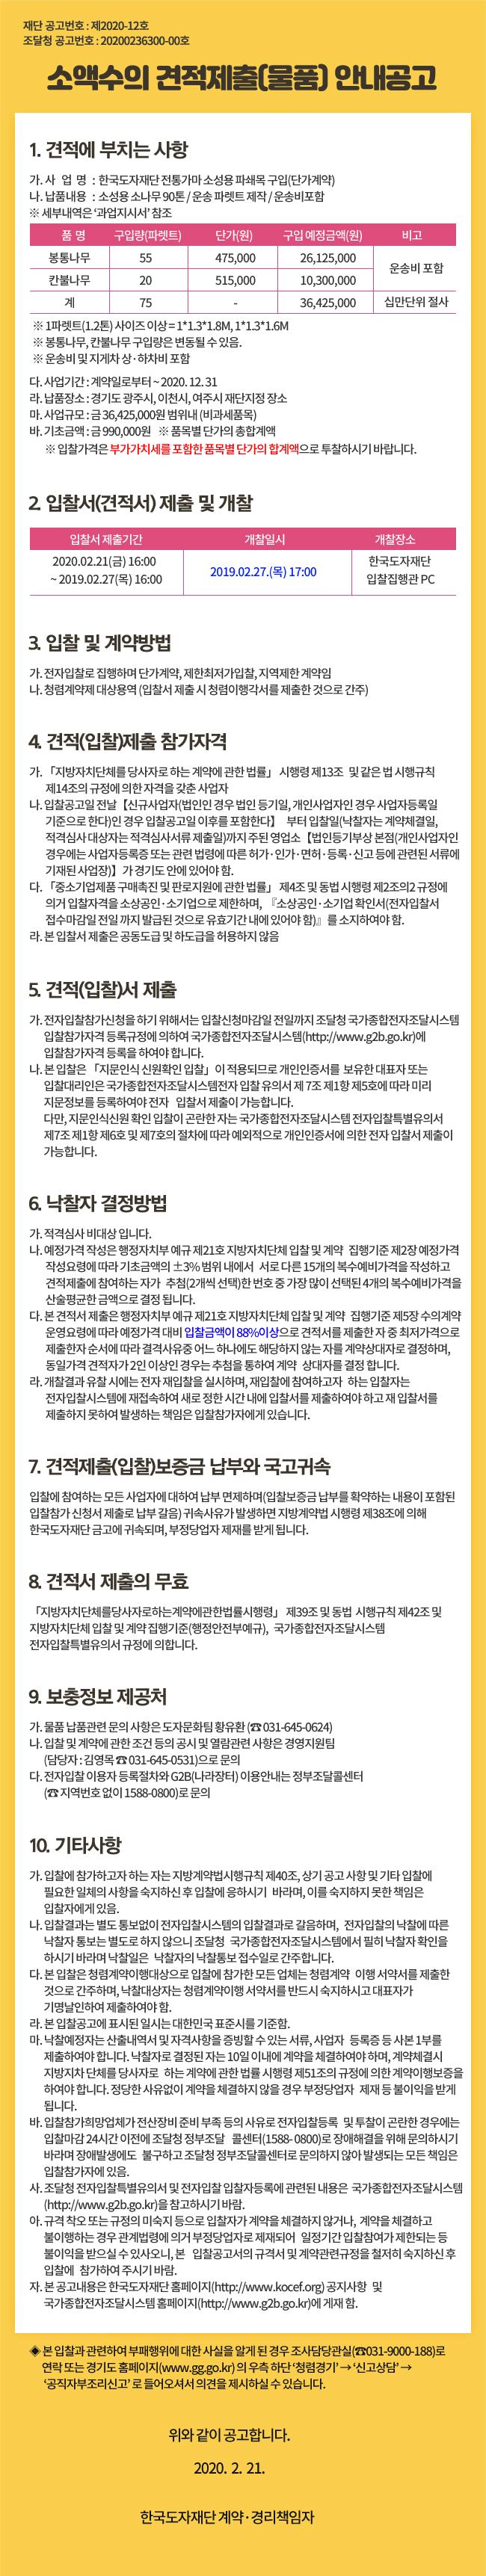 한국도자재단 전통가마 소성용 파쇄목 구입(단가계약)